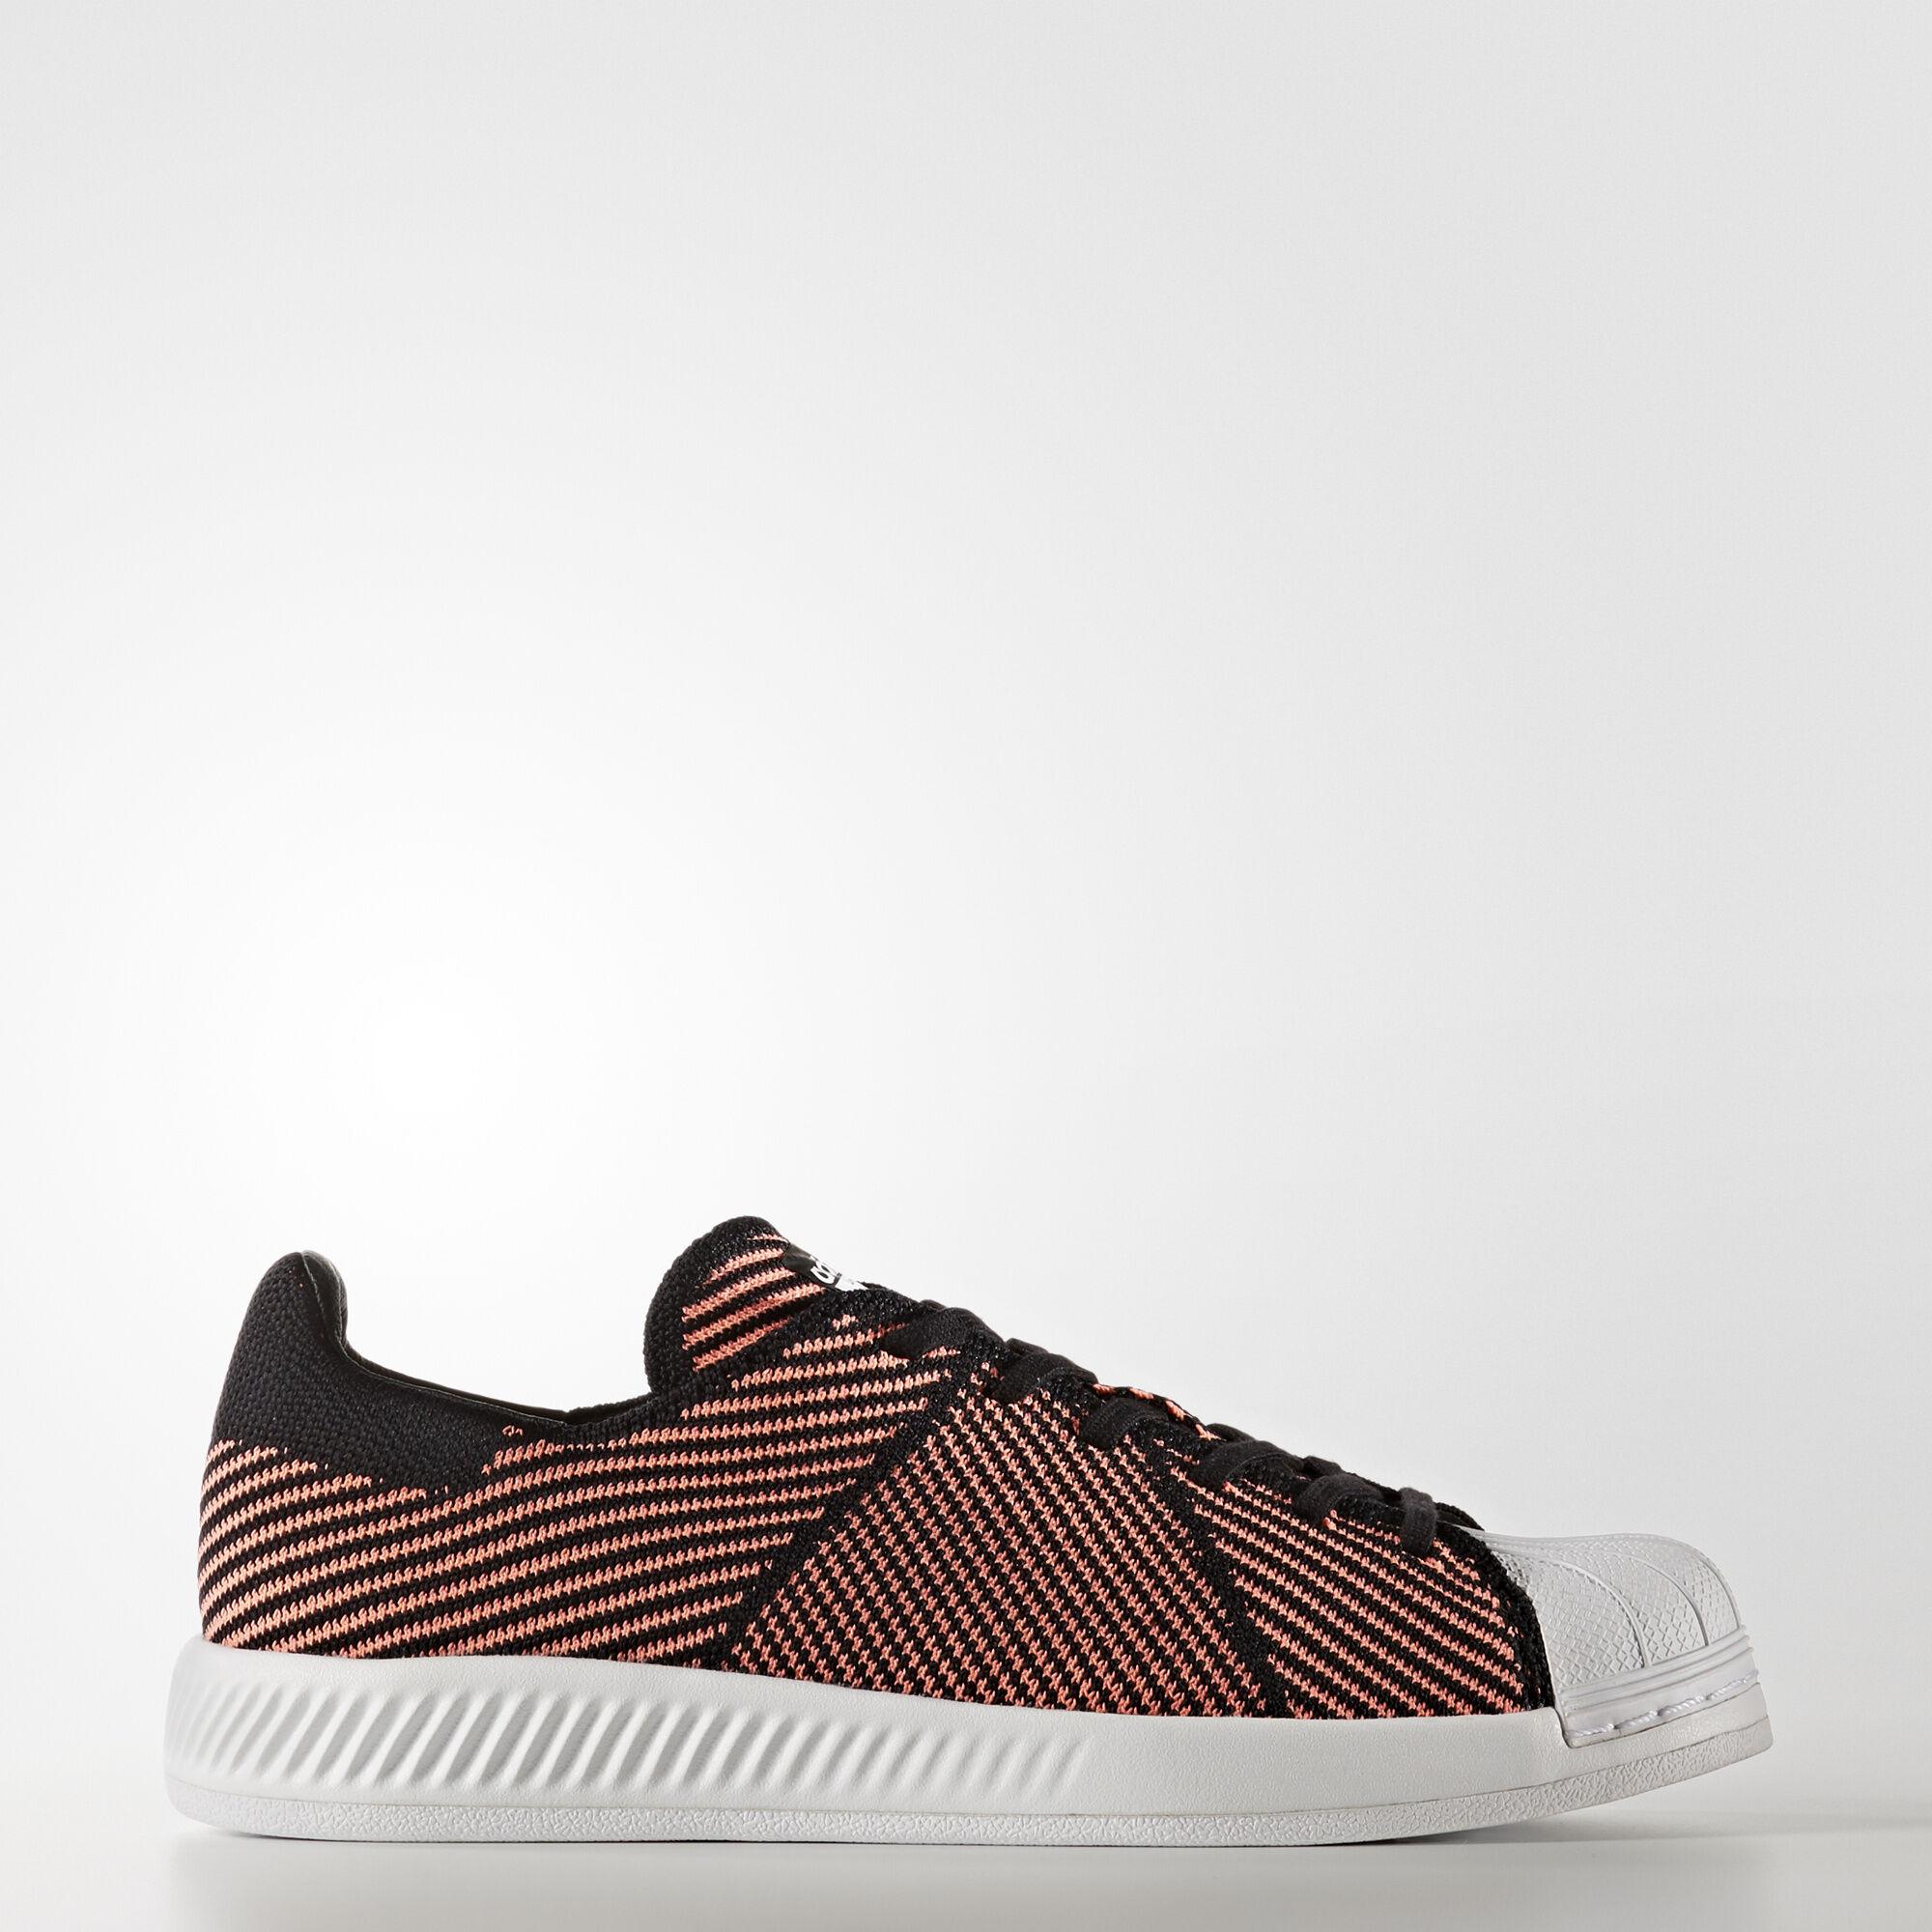 Adidas Superstar Grey Mesh aoriginal.co.uk